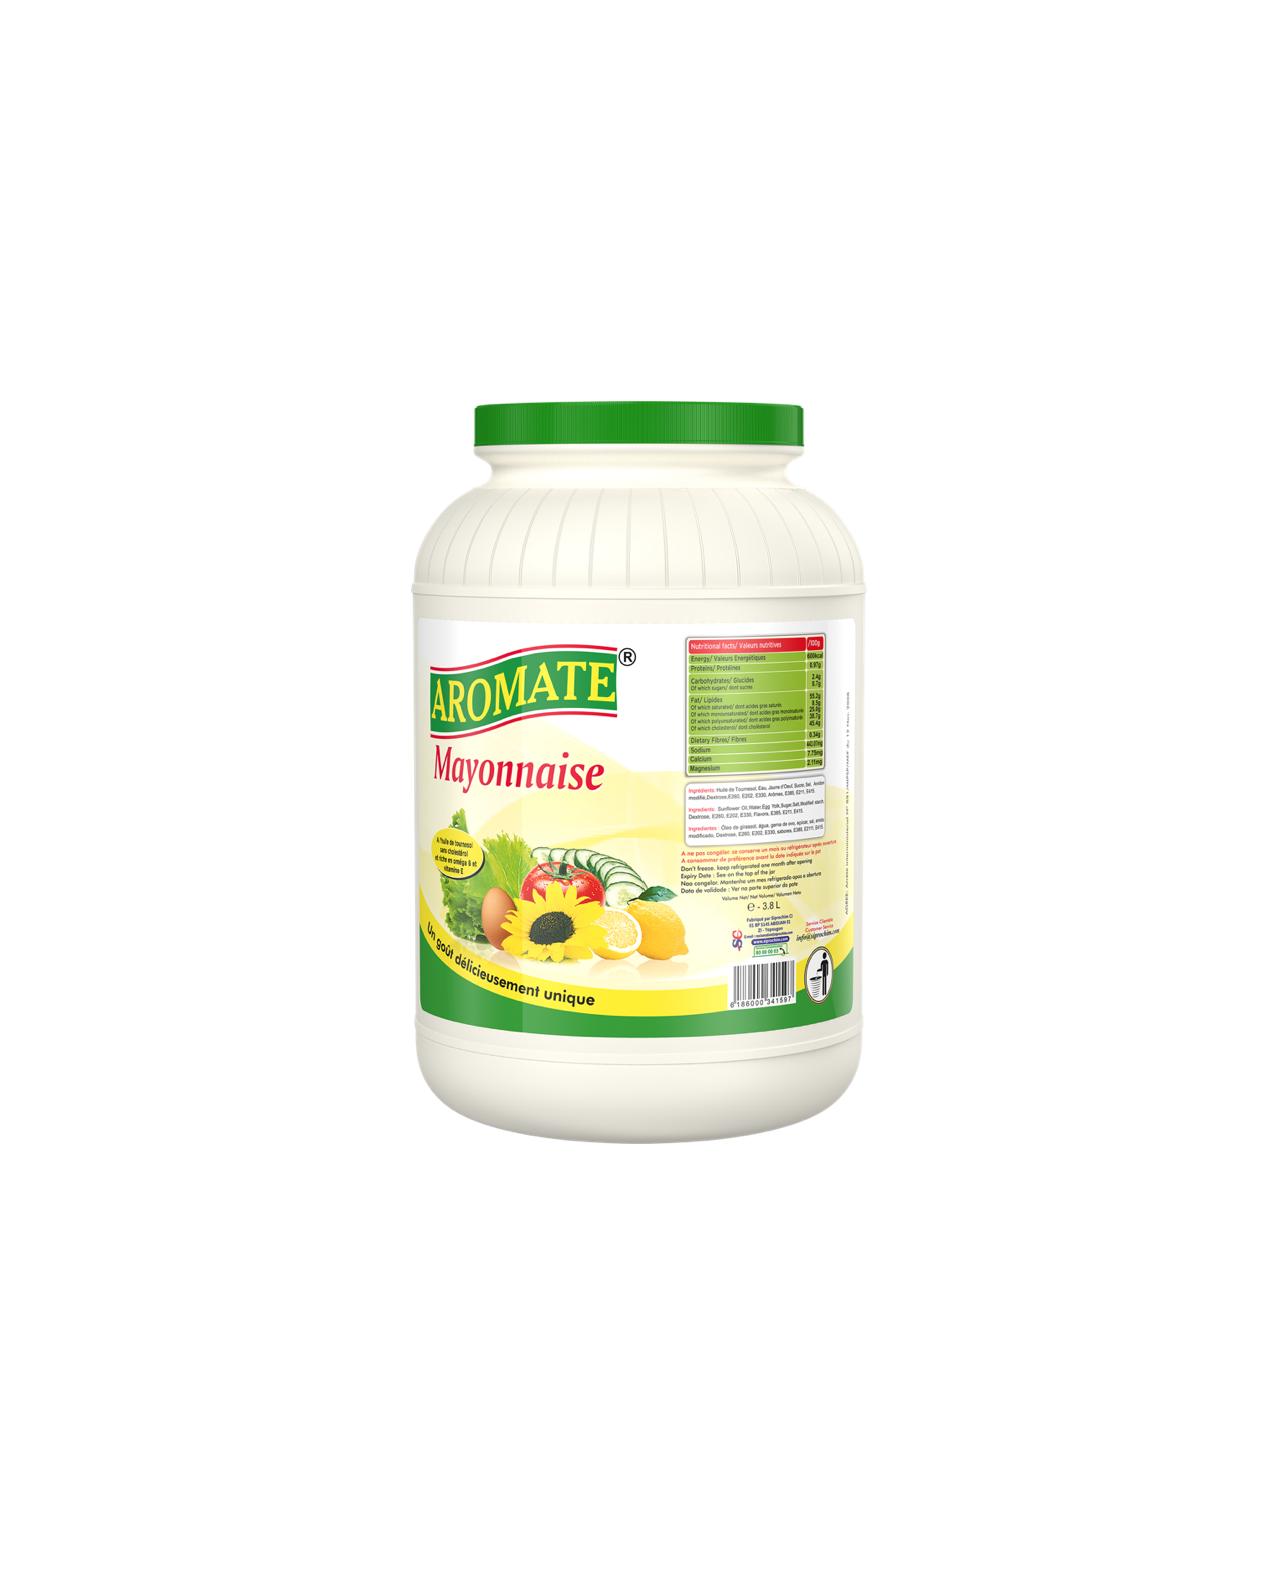 Mayonnaise-AROMATE-3.8L_Siprochim